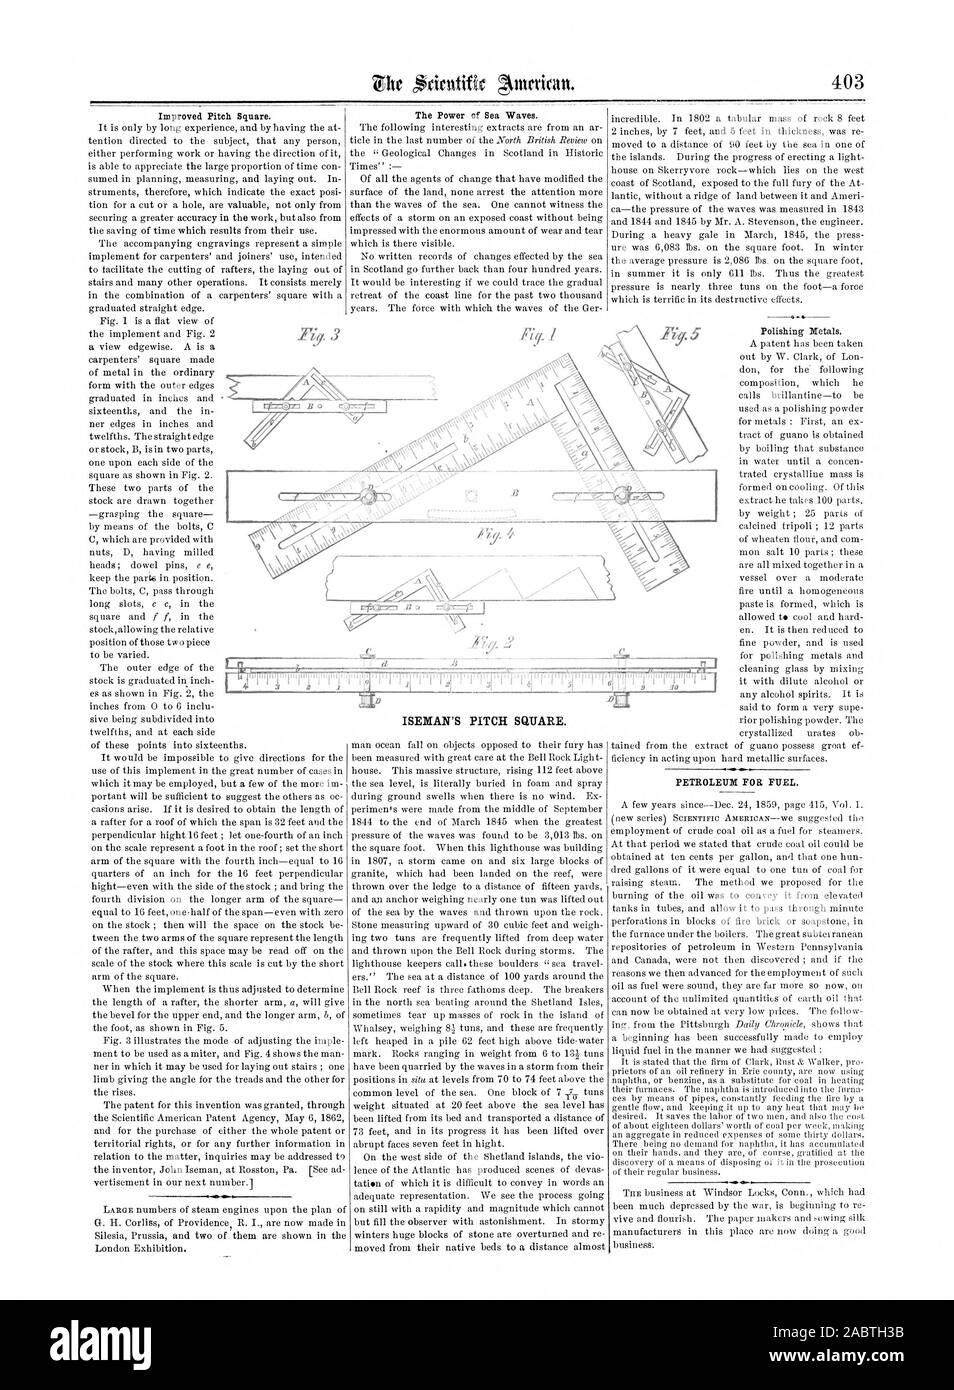 Passo migliorata Square. La potenza delle onde del mare. Il petrolio di combustibile., Scientific American, 1862-06-28 Foto Stock